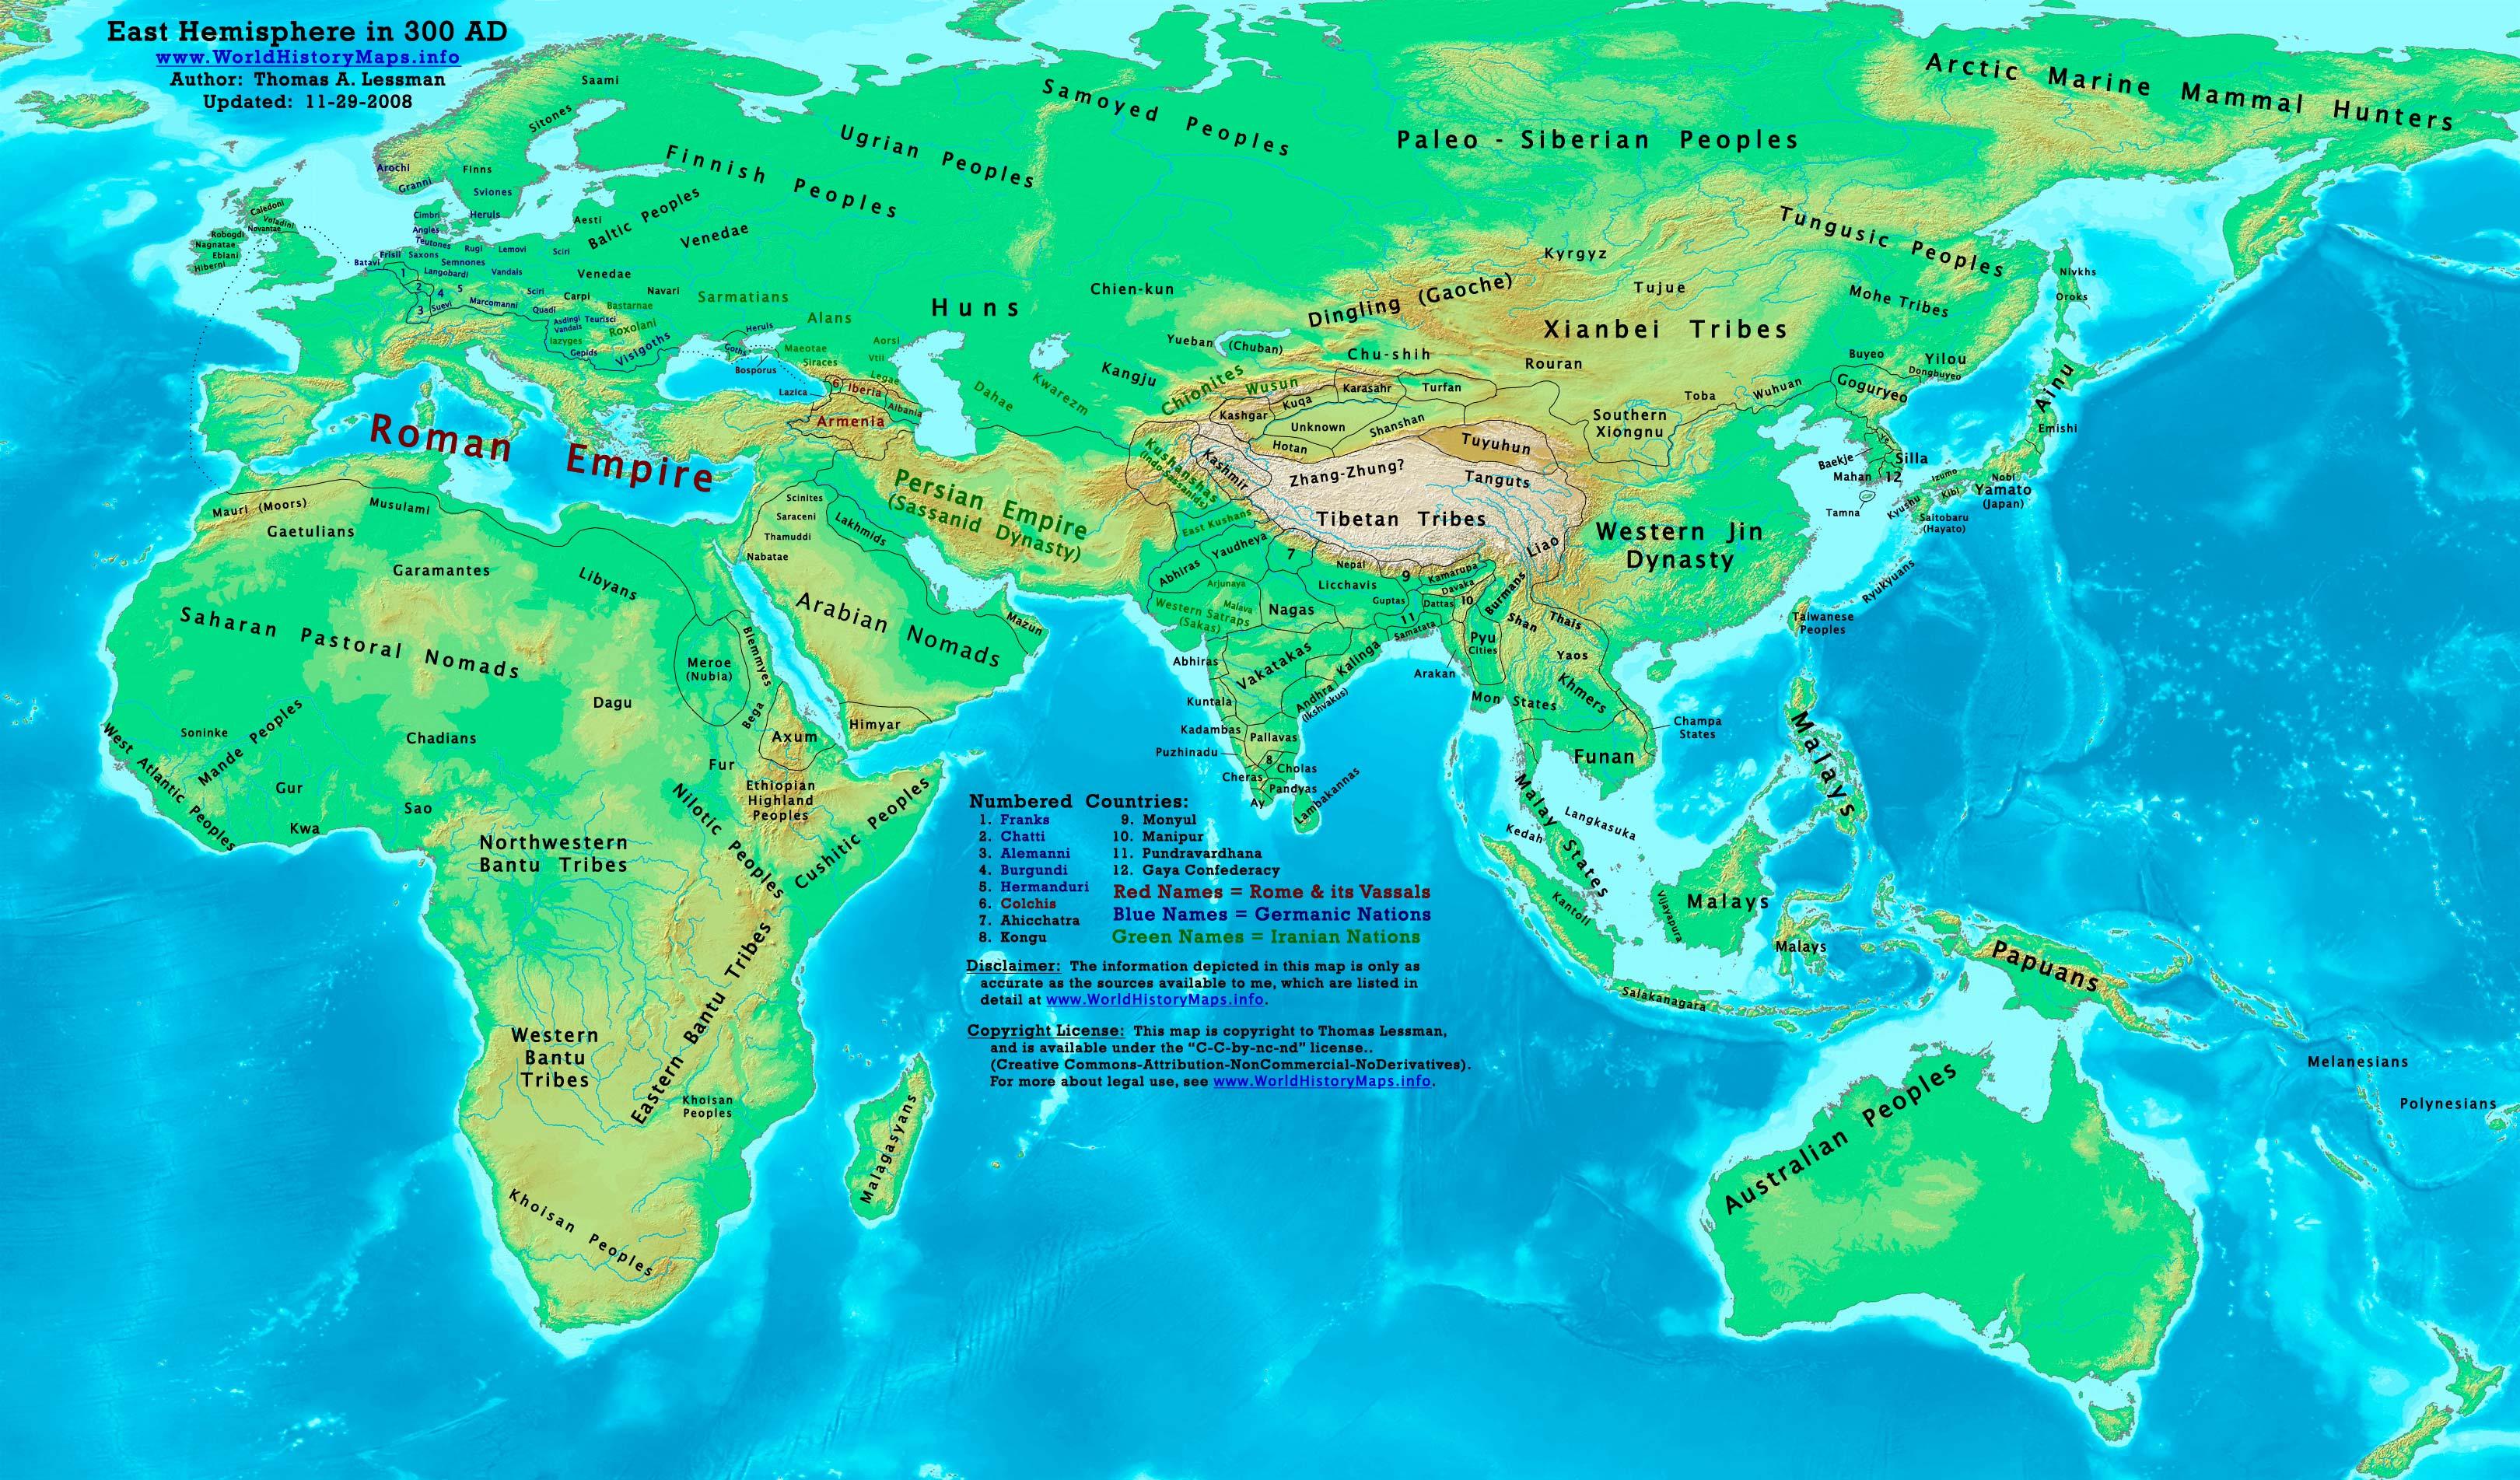 http://worldhistorymaps.info/images/East-Hem_300ad.jpg